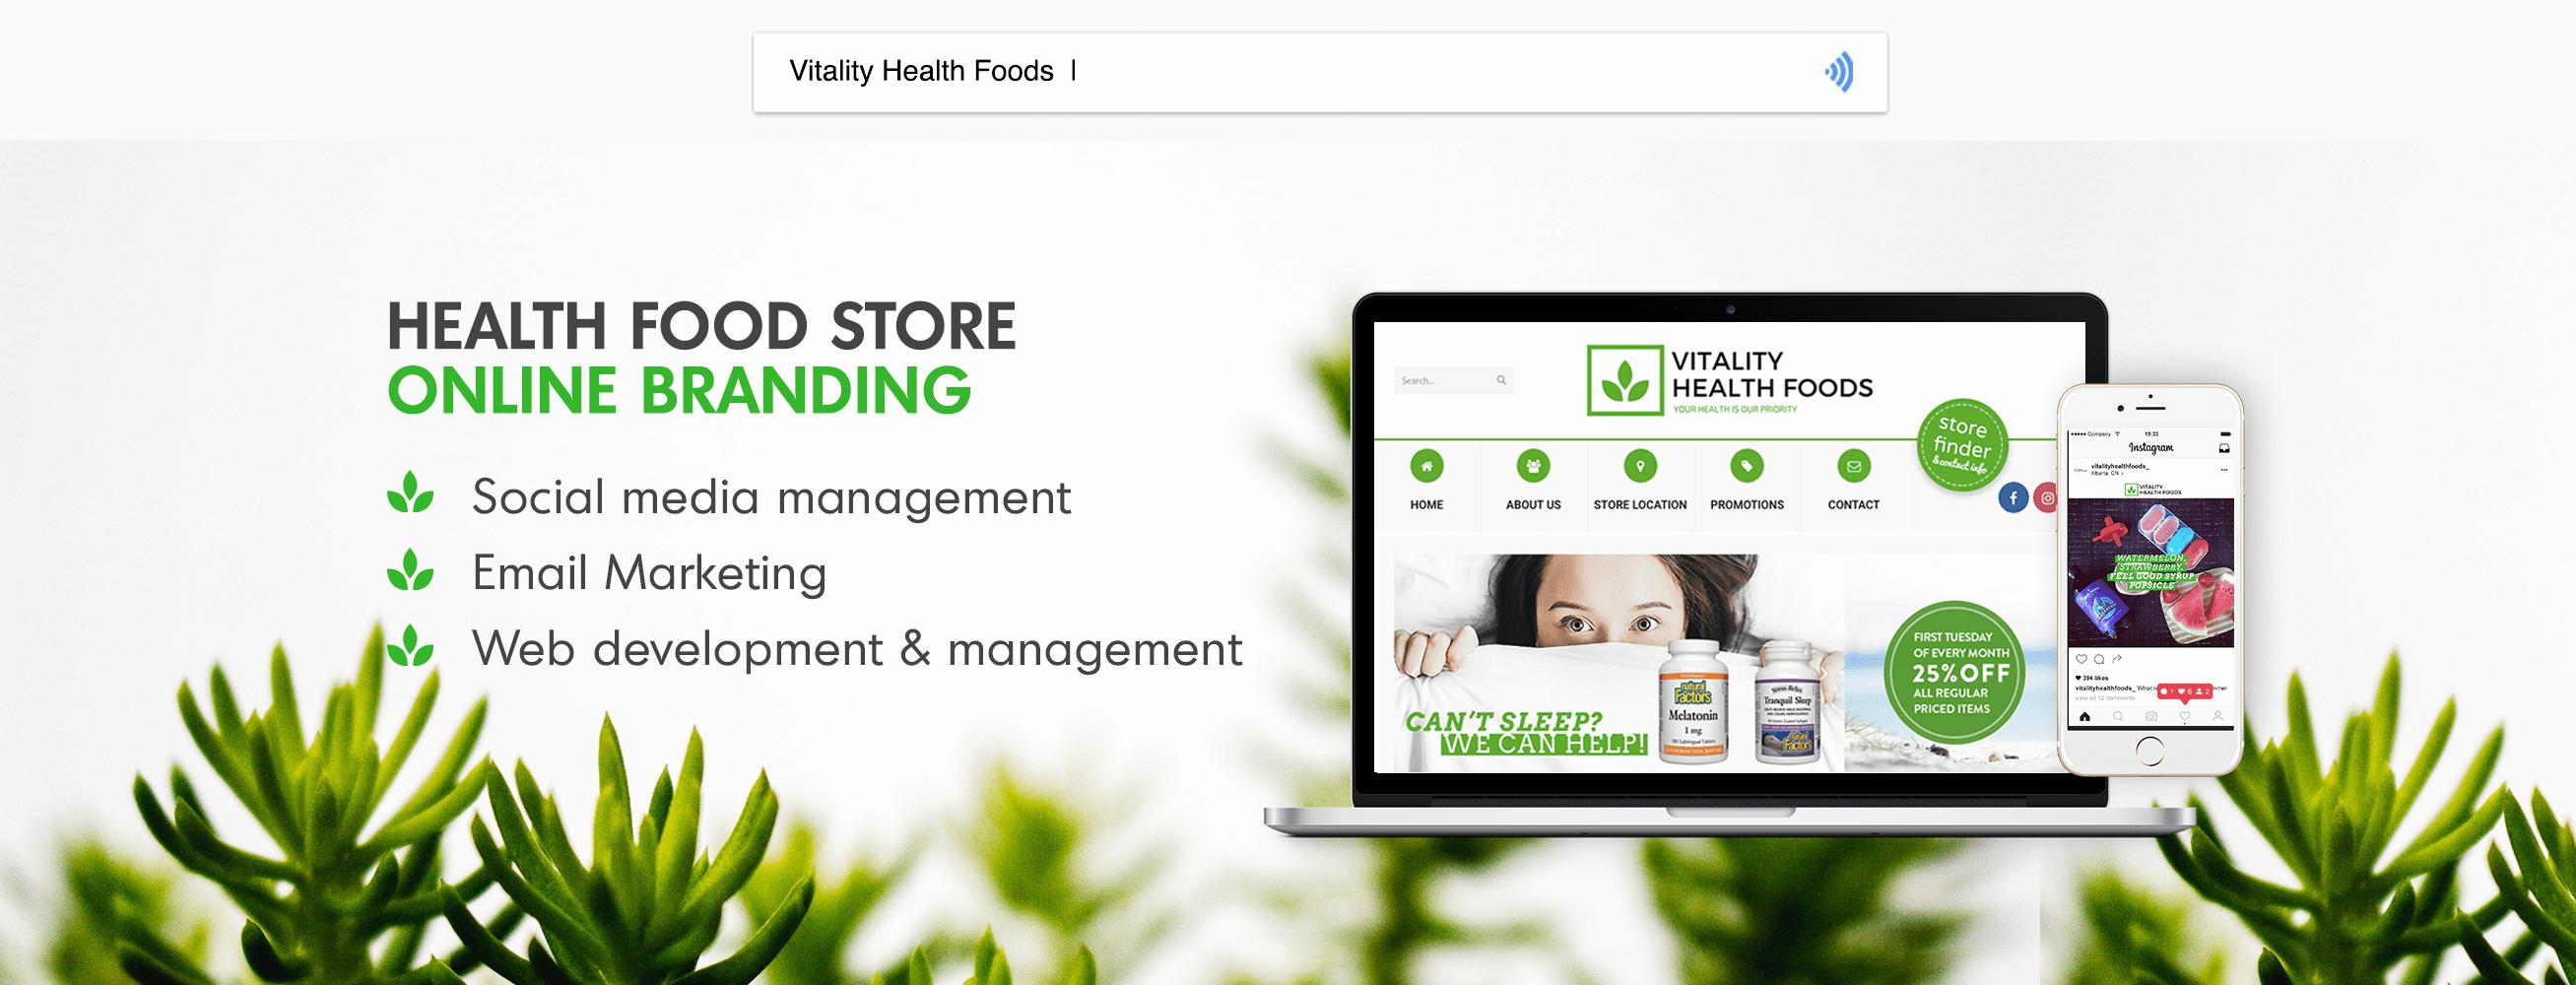 online-branding-vitality - hms (2)